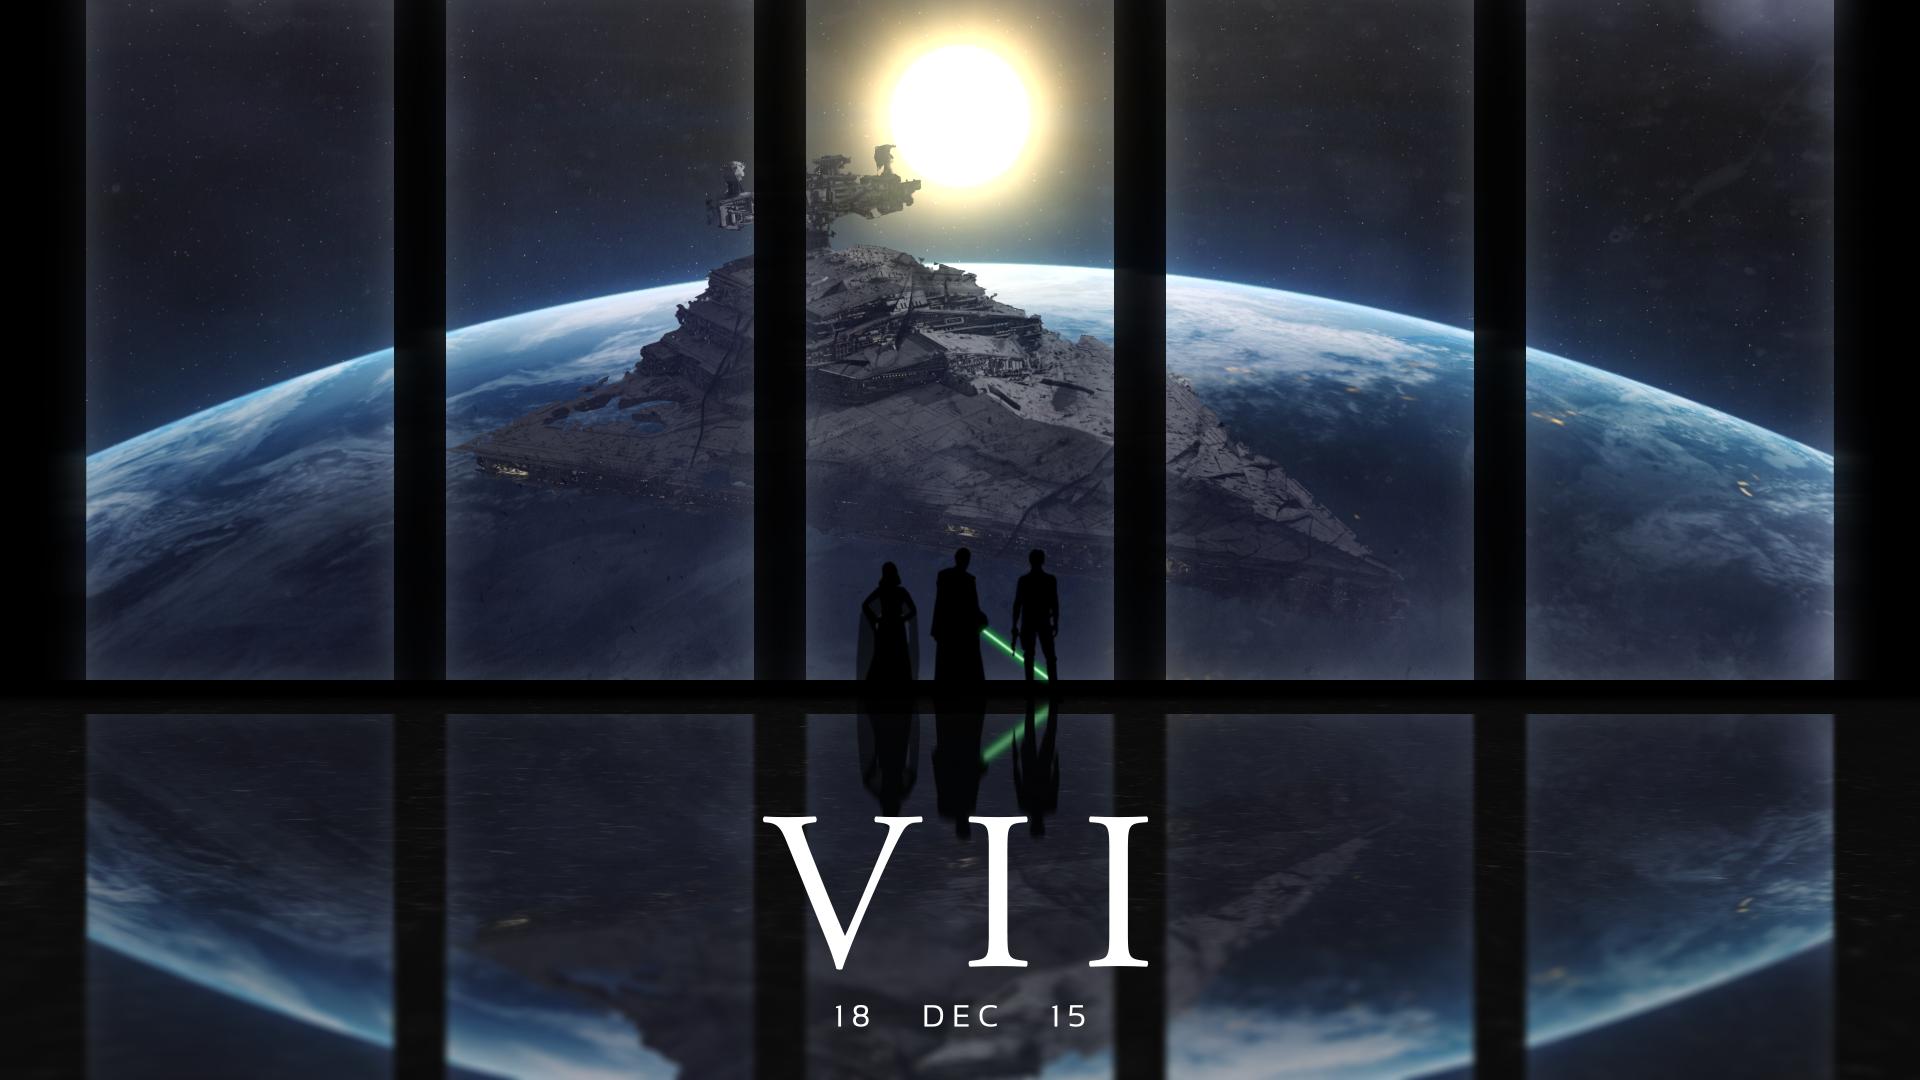 48 Episode Vii Wallpaper On Wallpapersafari